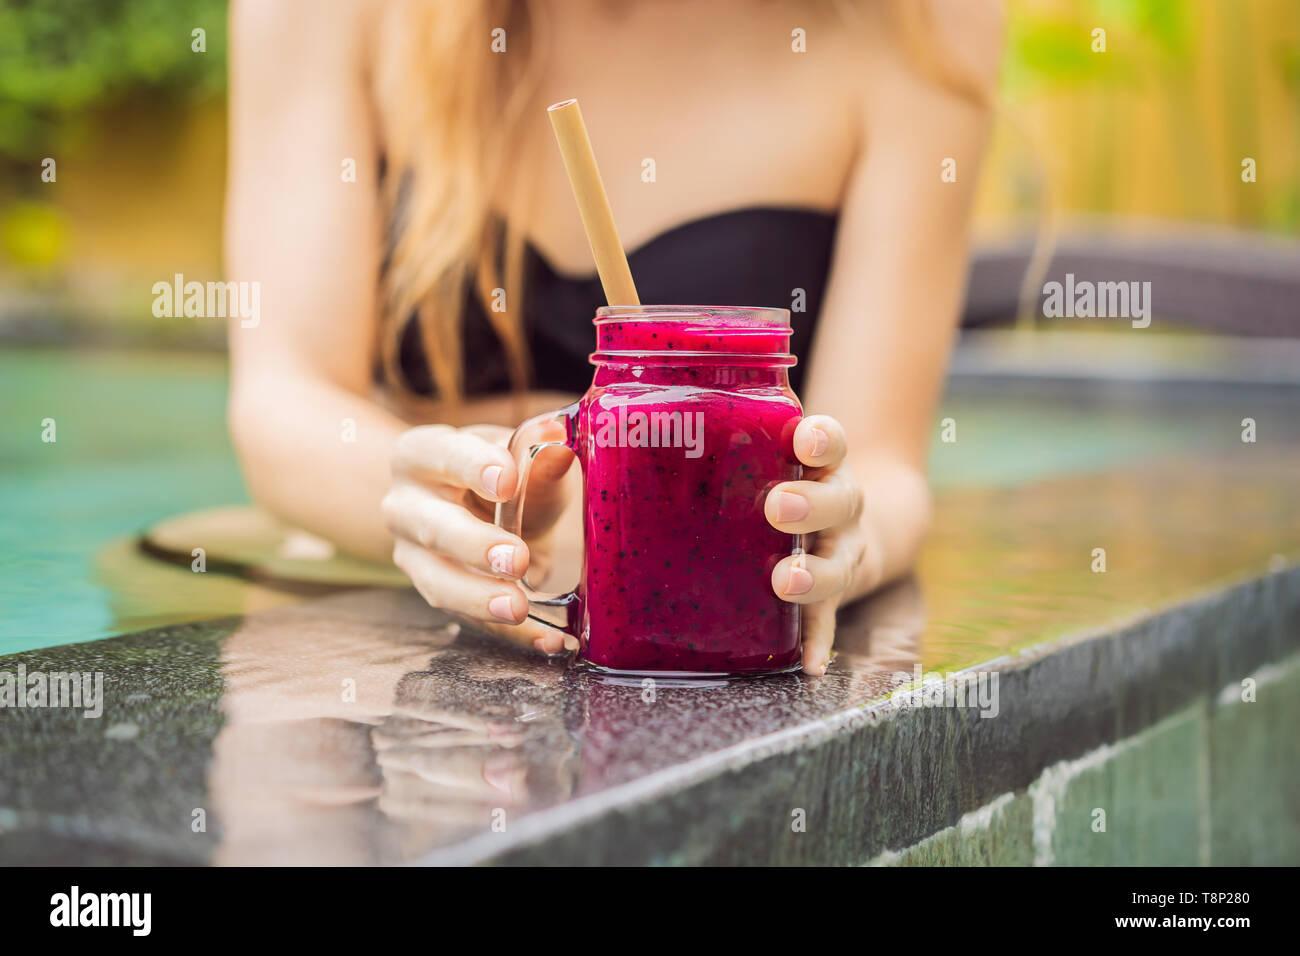 Jeune femme à boire le fruit du dragon, des smoothies sur le fond de la piscine. Smoothie aux fruits - manger sain concept. Close up de smoothie détox avec Banque D'Images